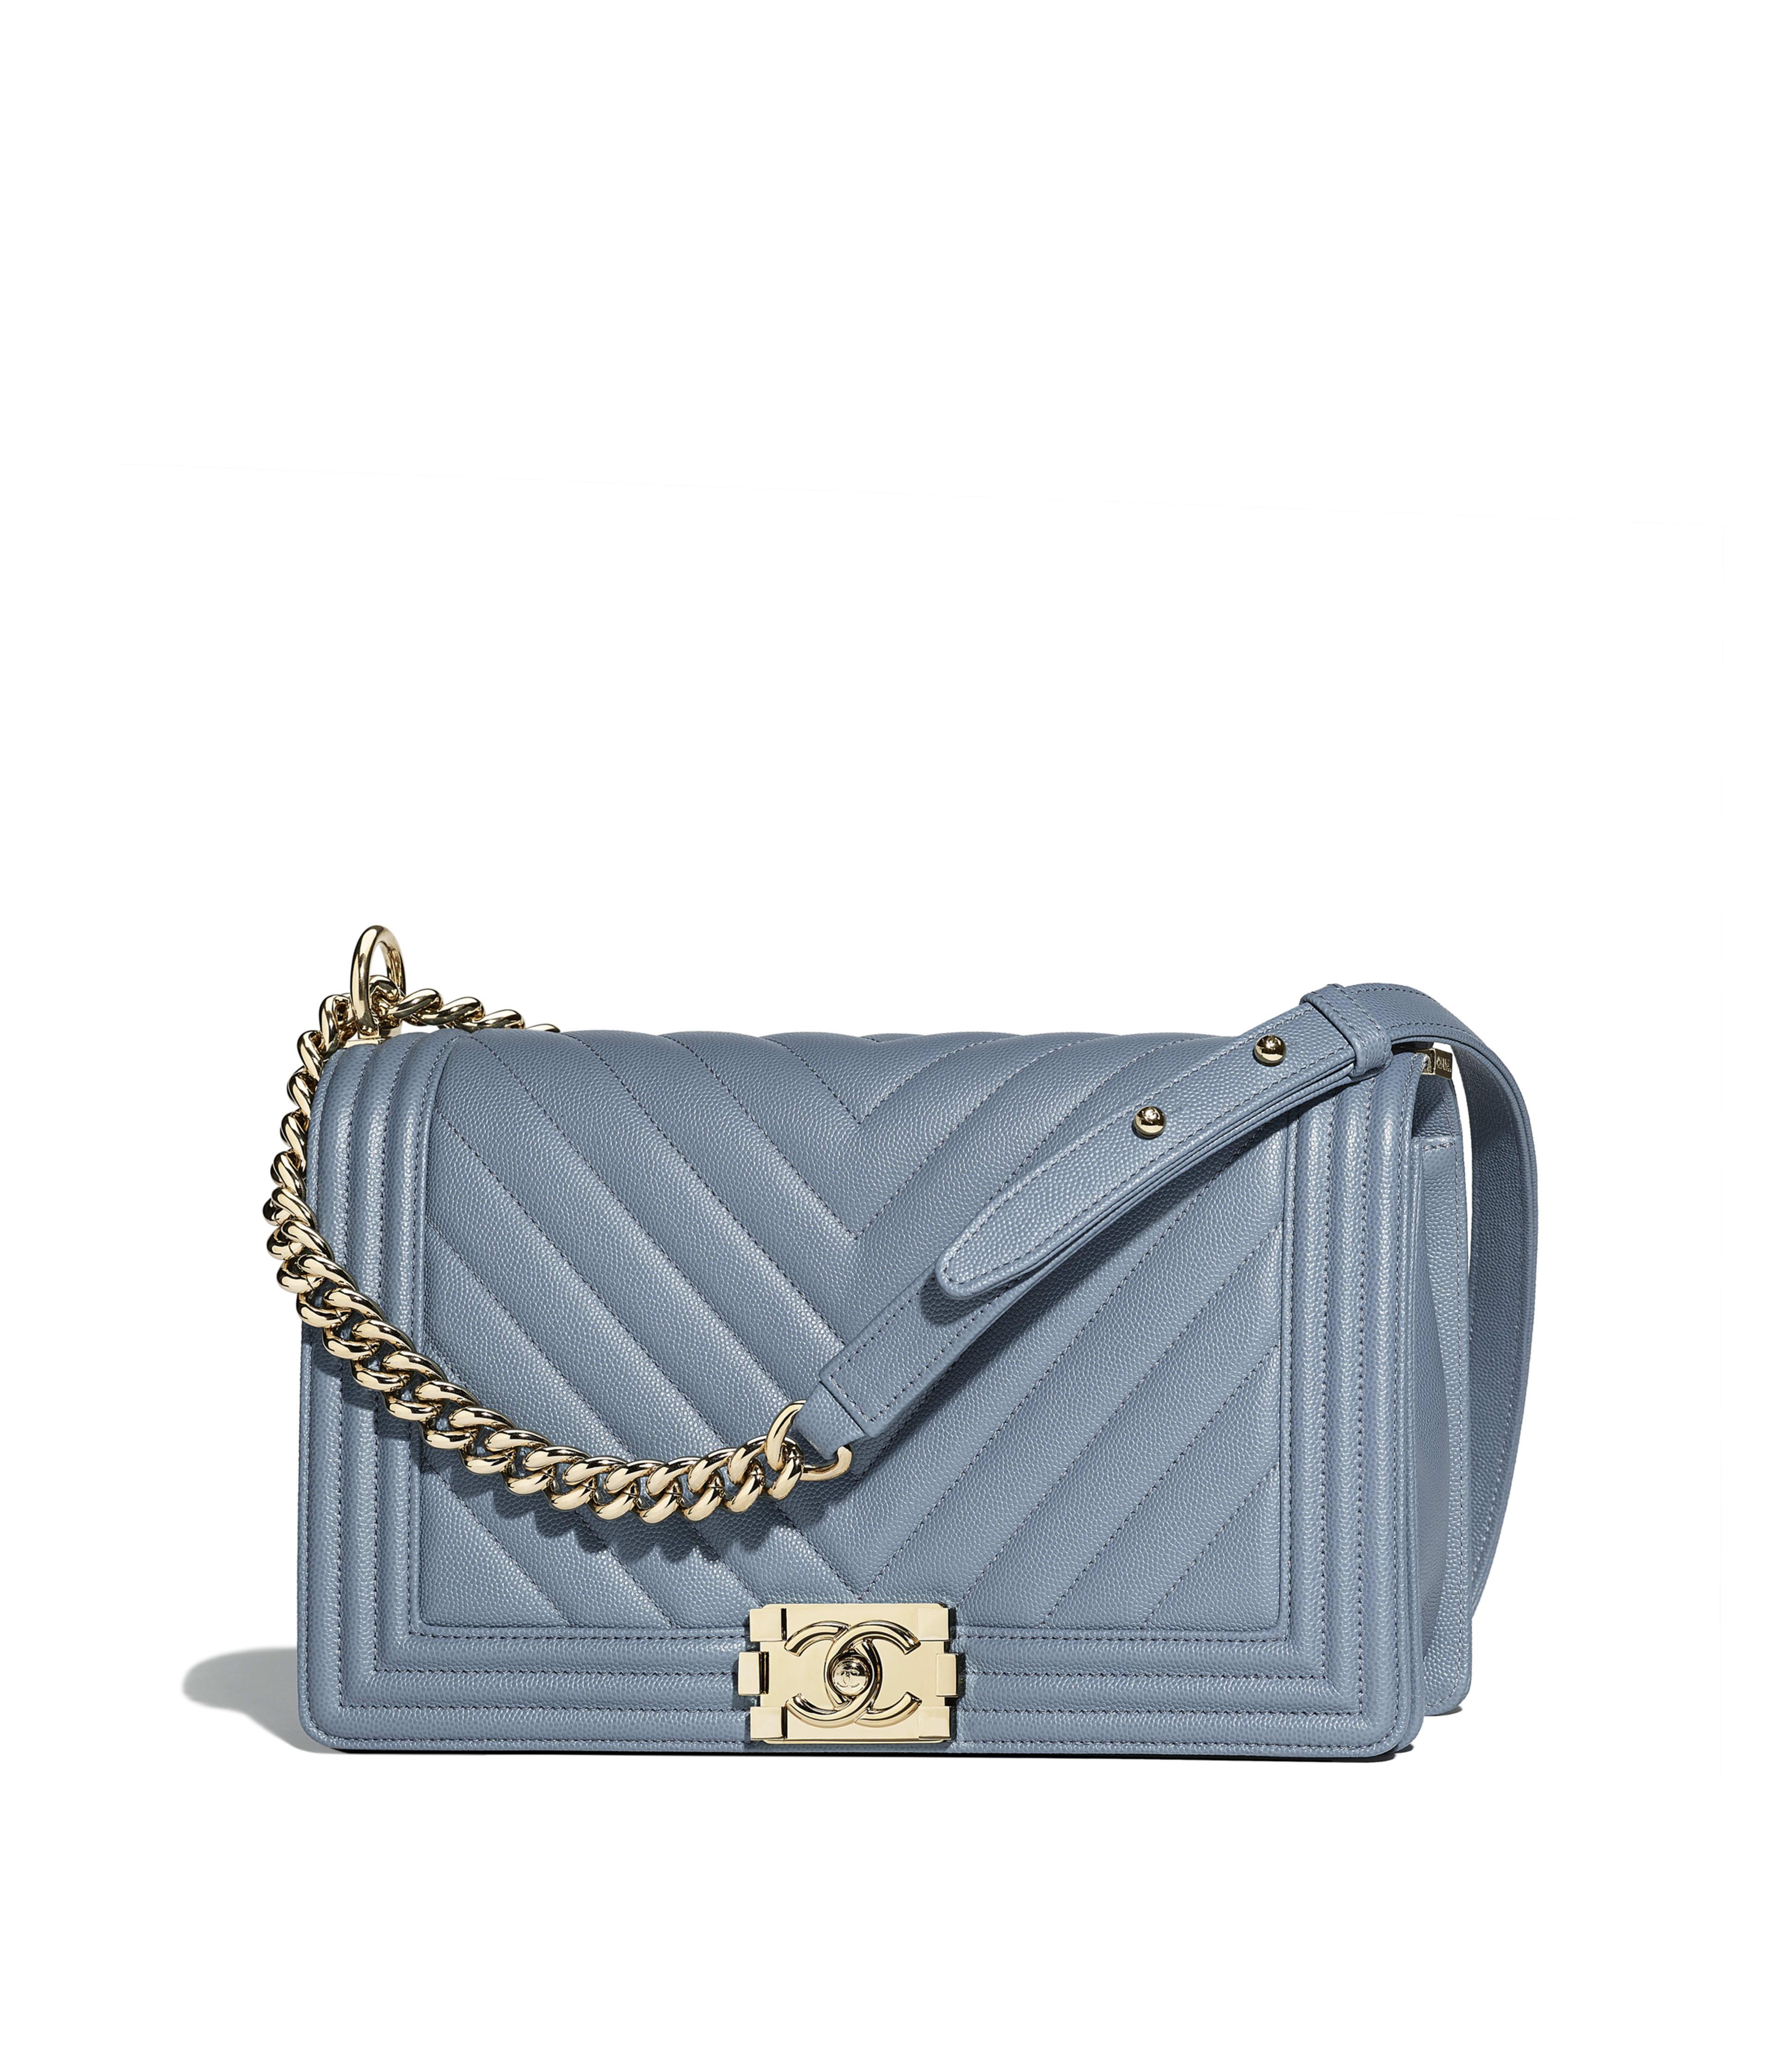 Large Boy Chanel Handbag Grained Calfskin Gold Tone Metal Blue Ref A92193y835724b802